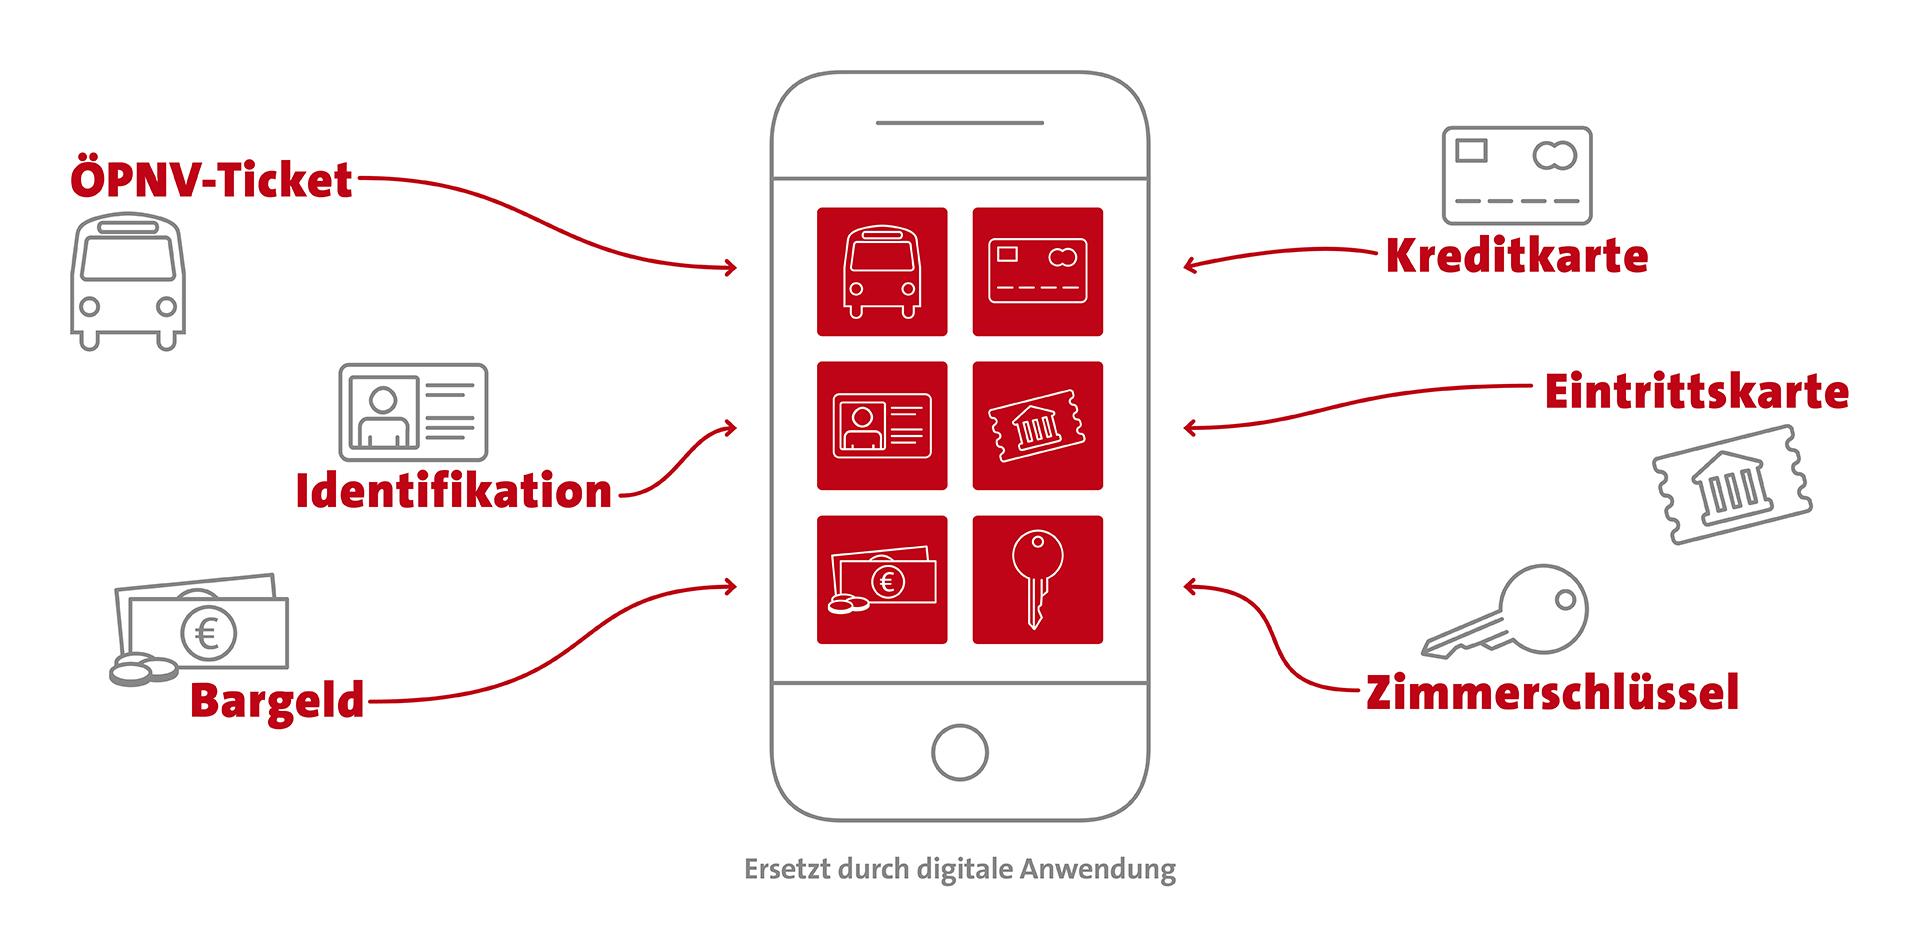 Verbindung realer und digitaler Erlebniswelten